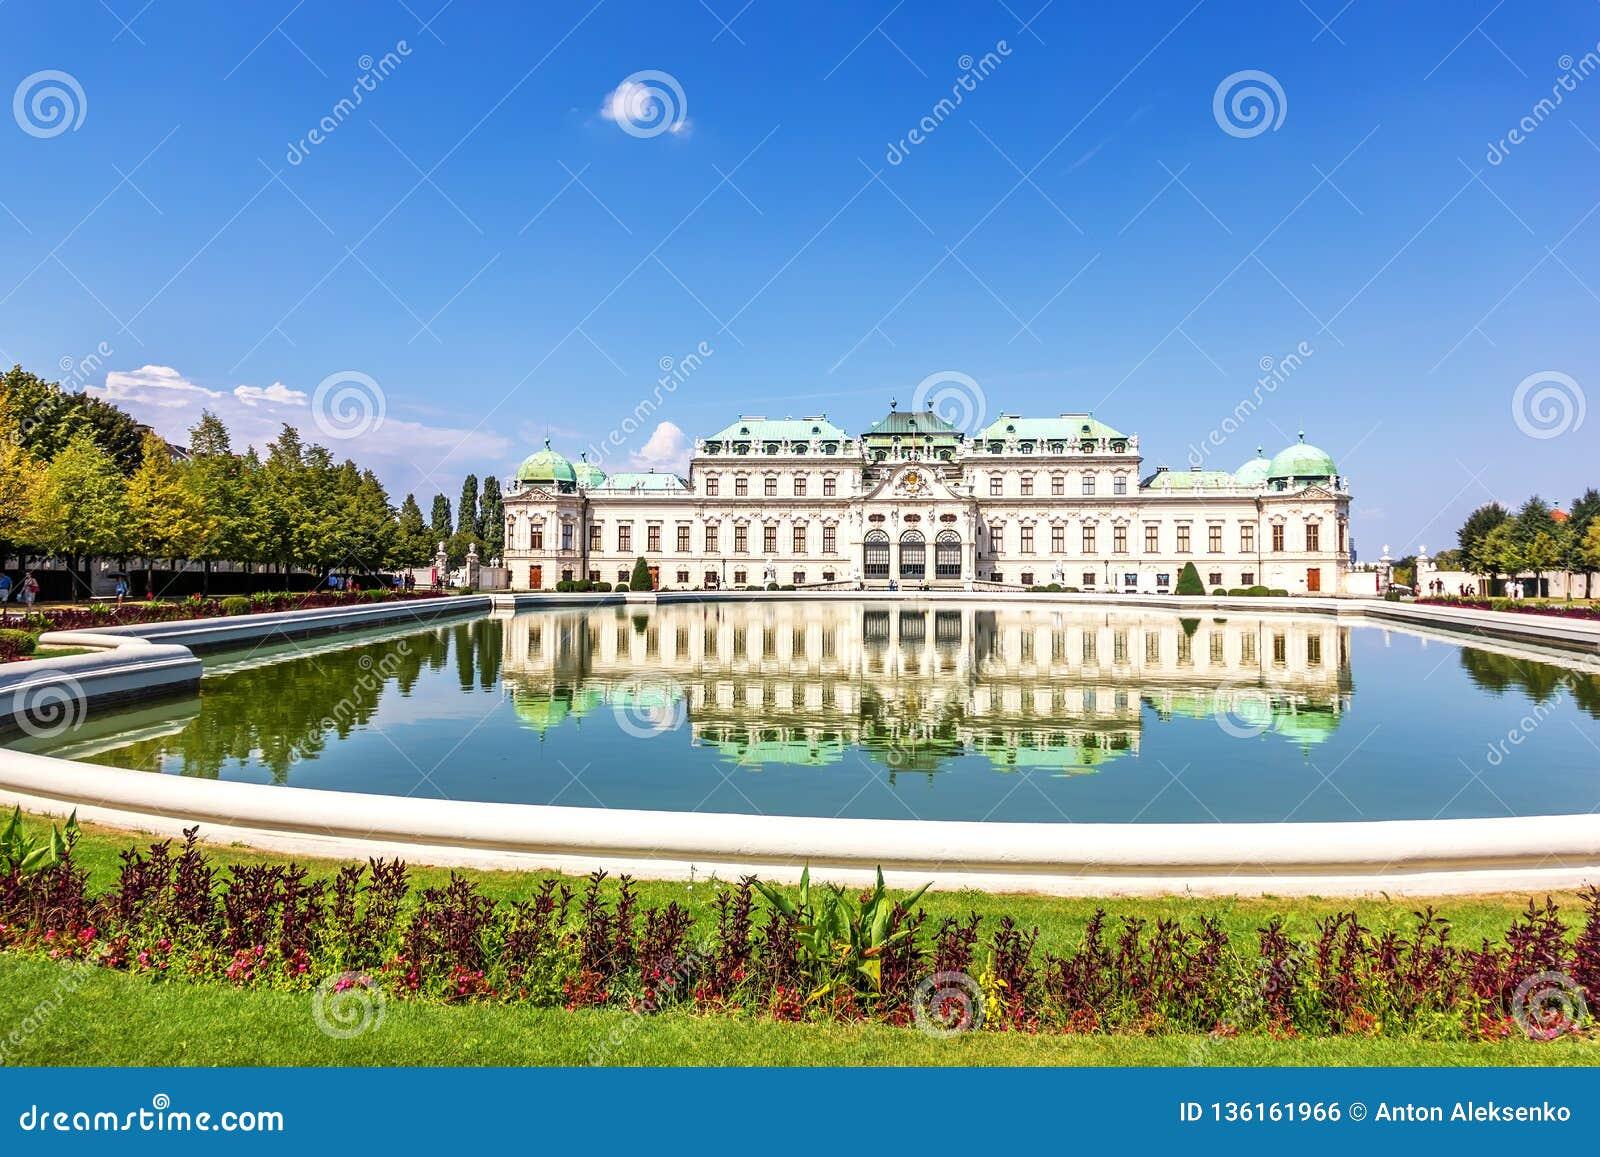 Belwederu pałac, południowa fasada, widok od stawu, Wiedeń